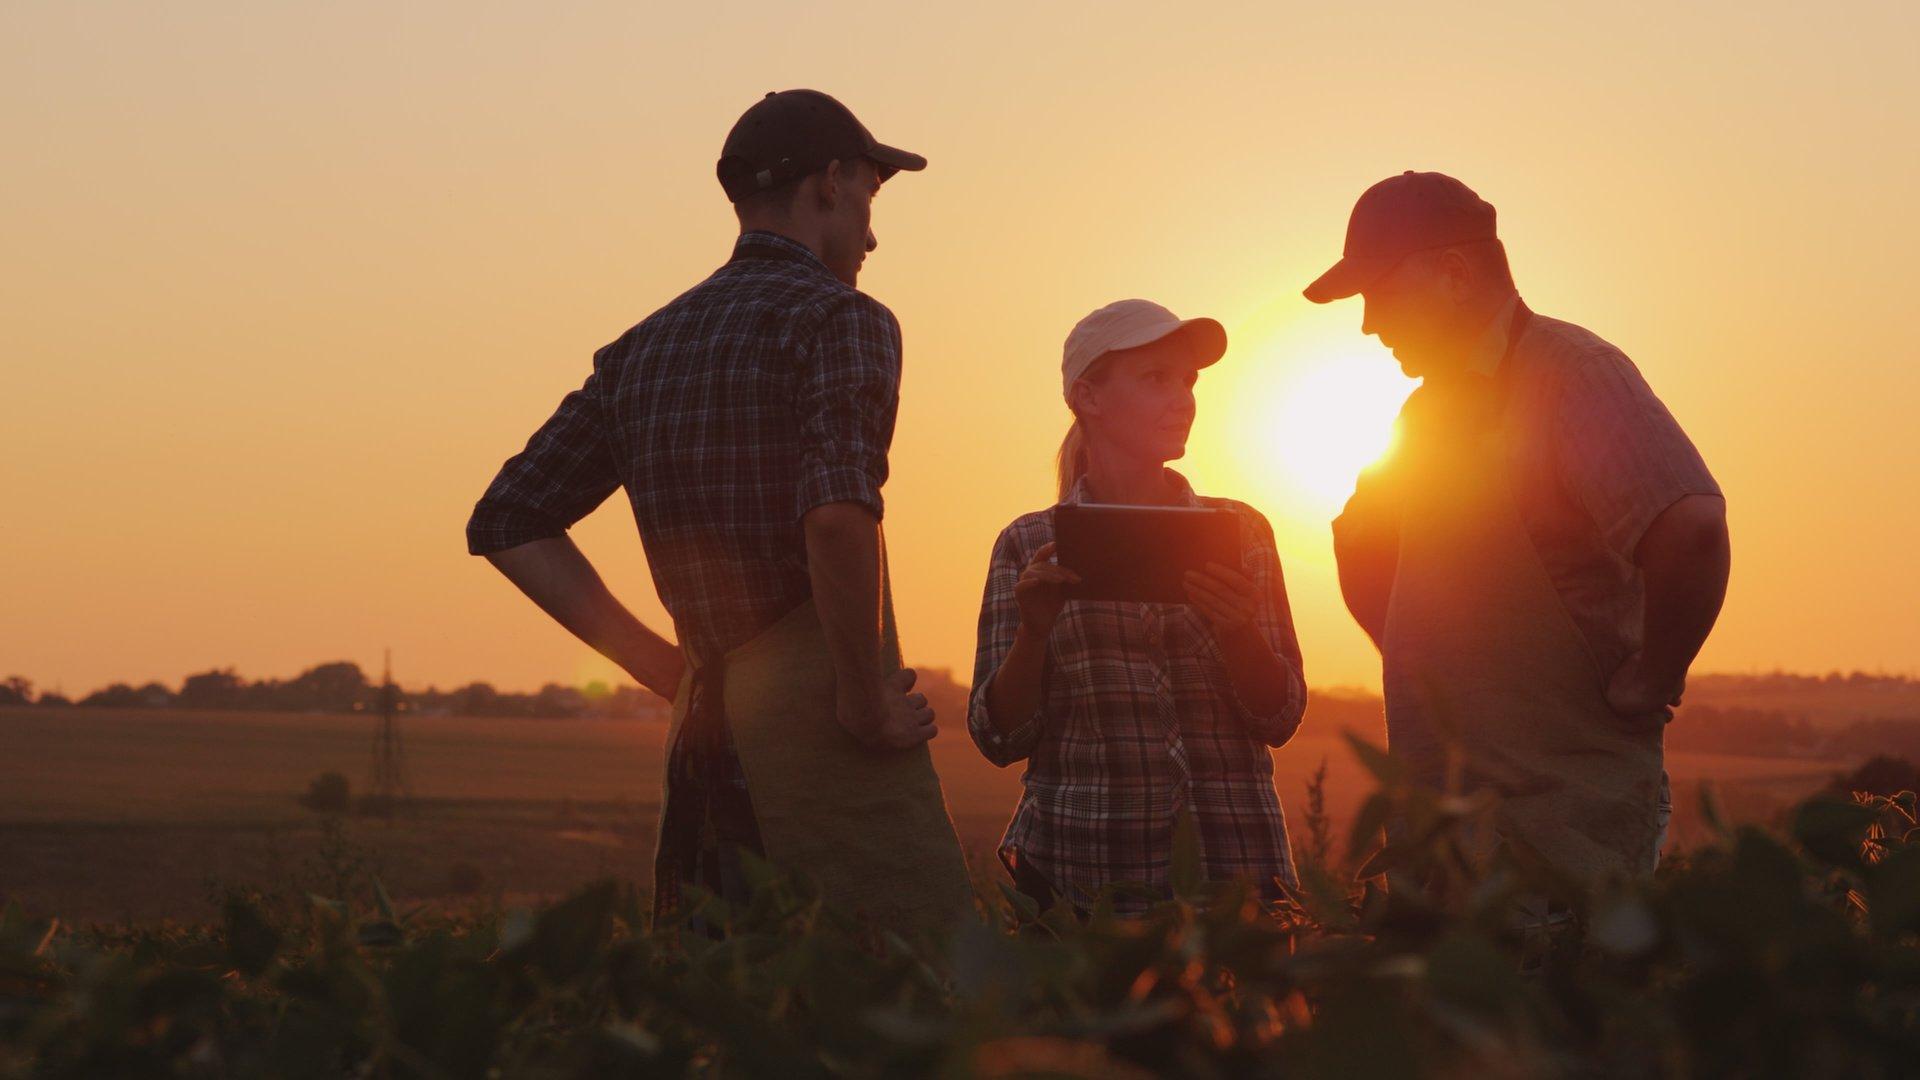 rural-wireless-mobile-farmers-field